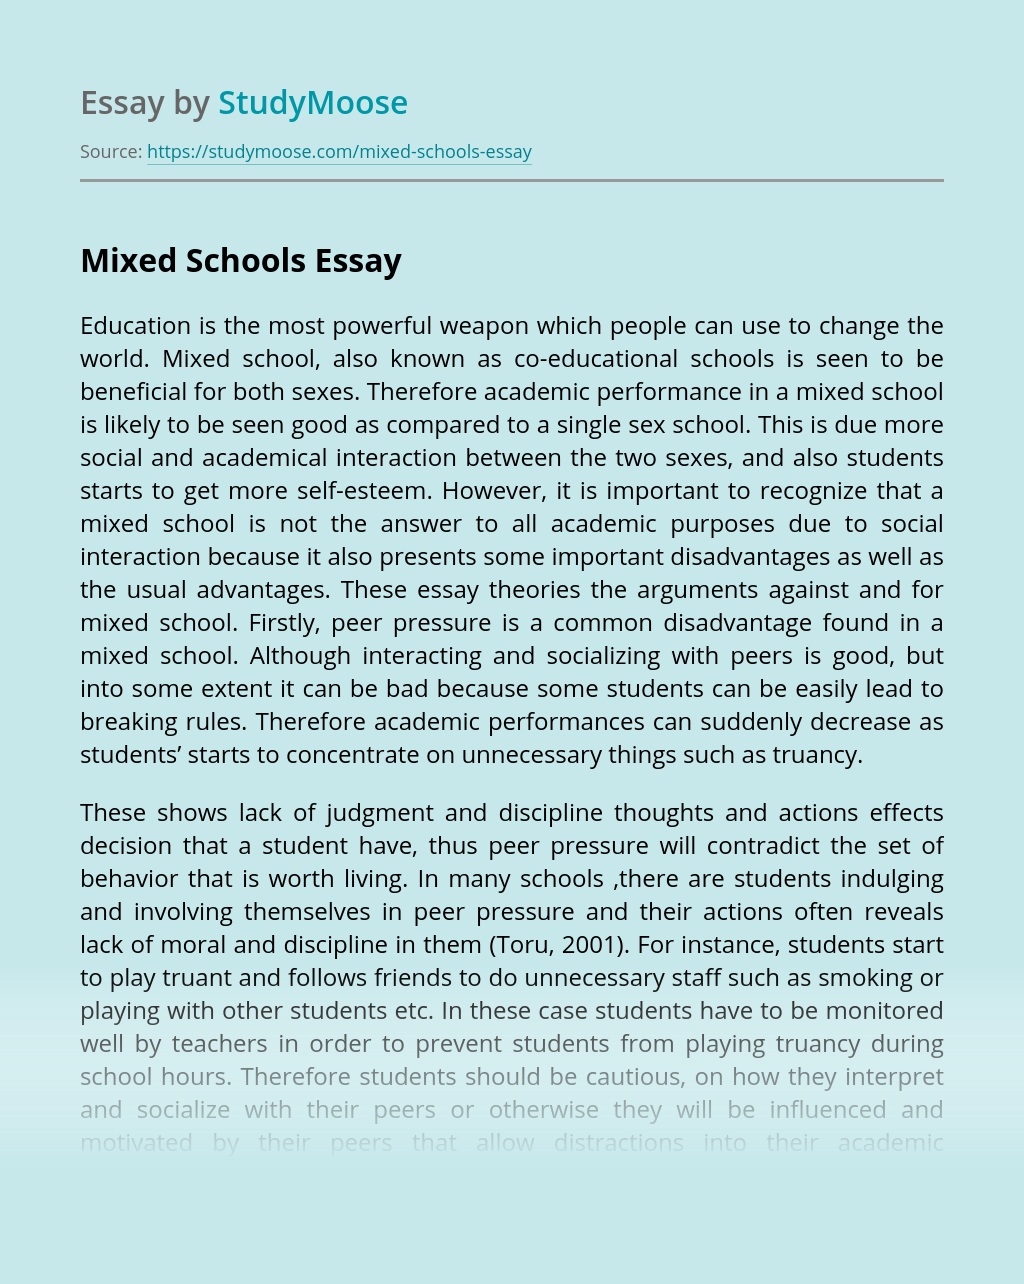 Mixed Schools